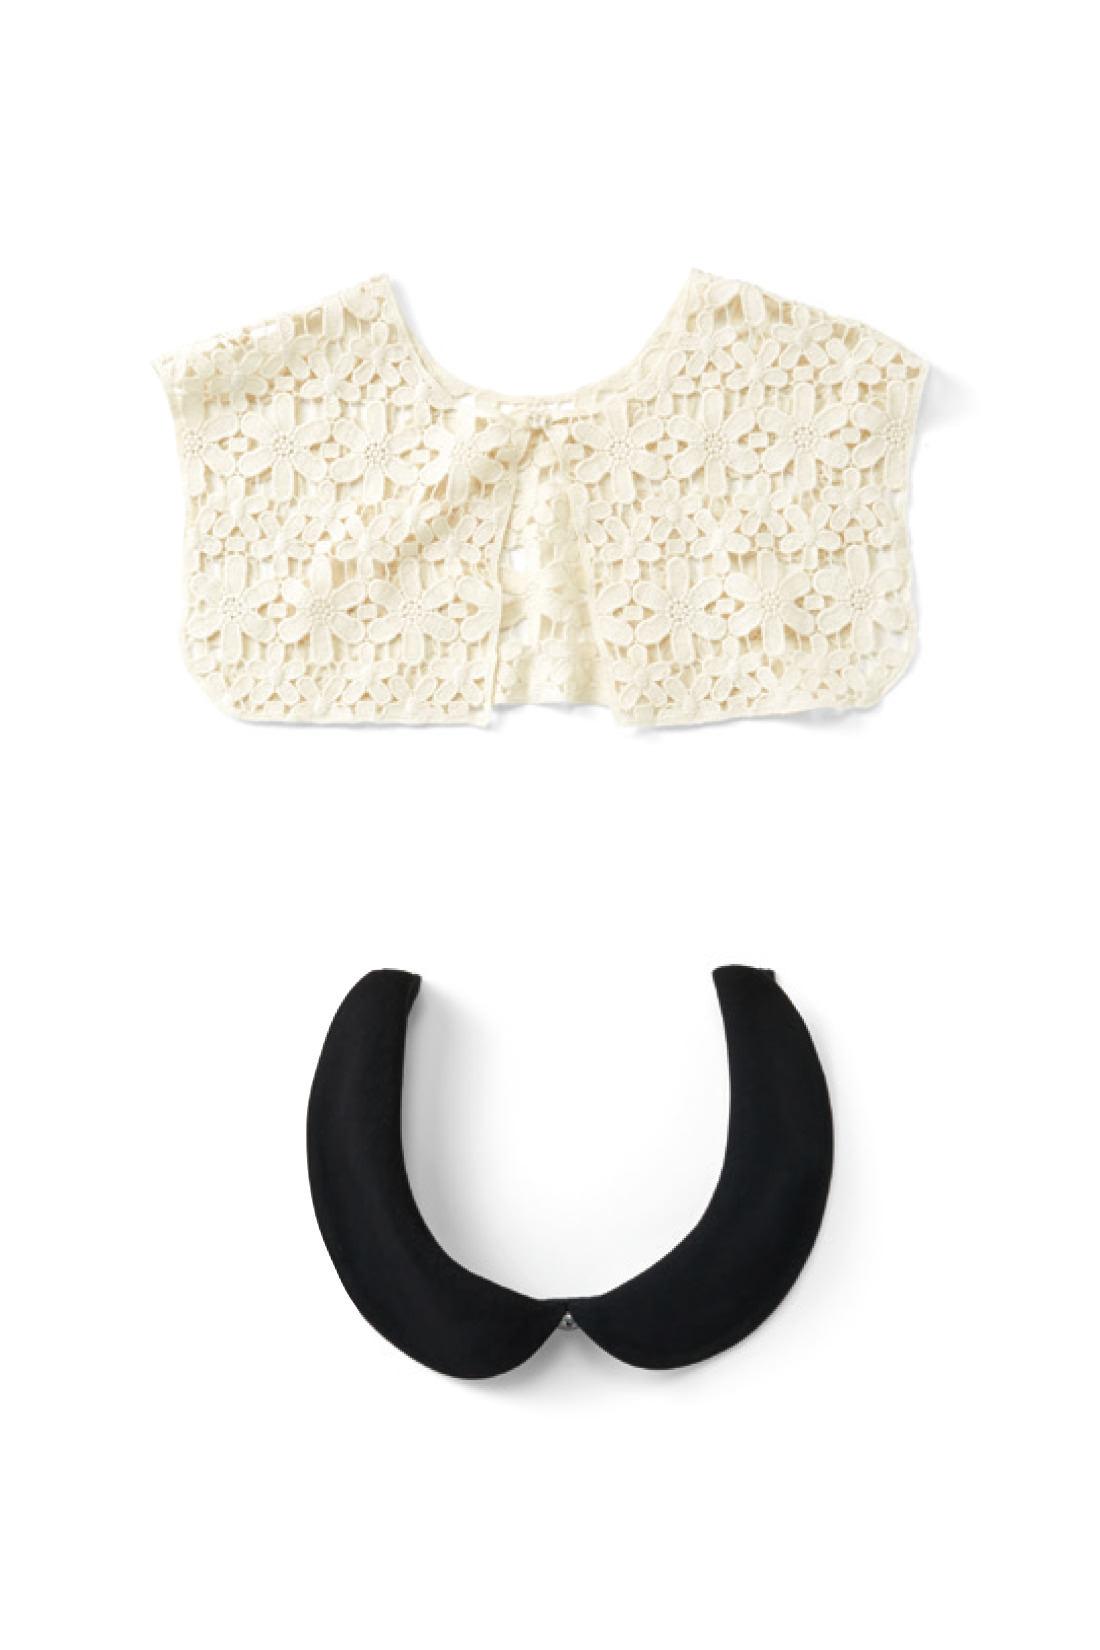 レース衿とワンピースと共生地で作った丸衿の3点セット。衿で印象がずいぶん変わるので、卒園、入学式など、シーンに合わせて着まわしできるのもうれしい。